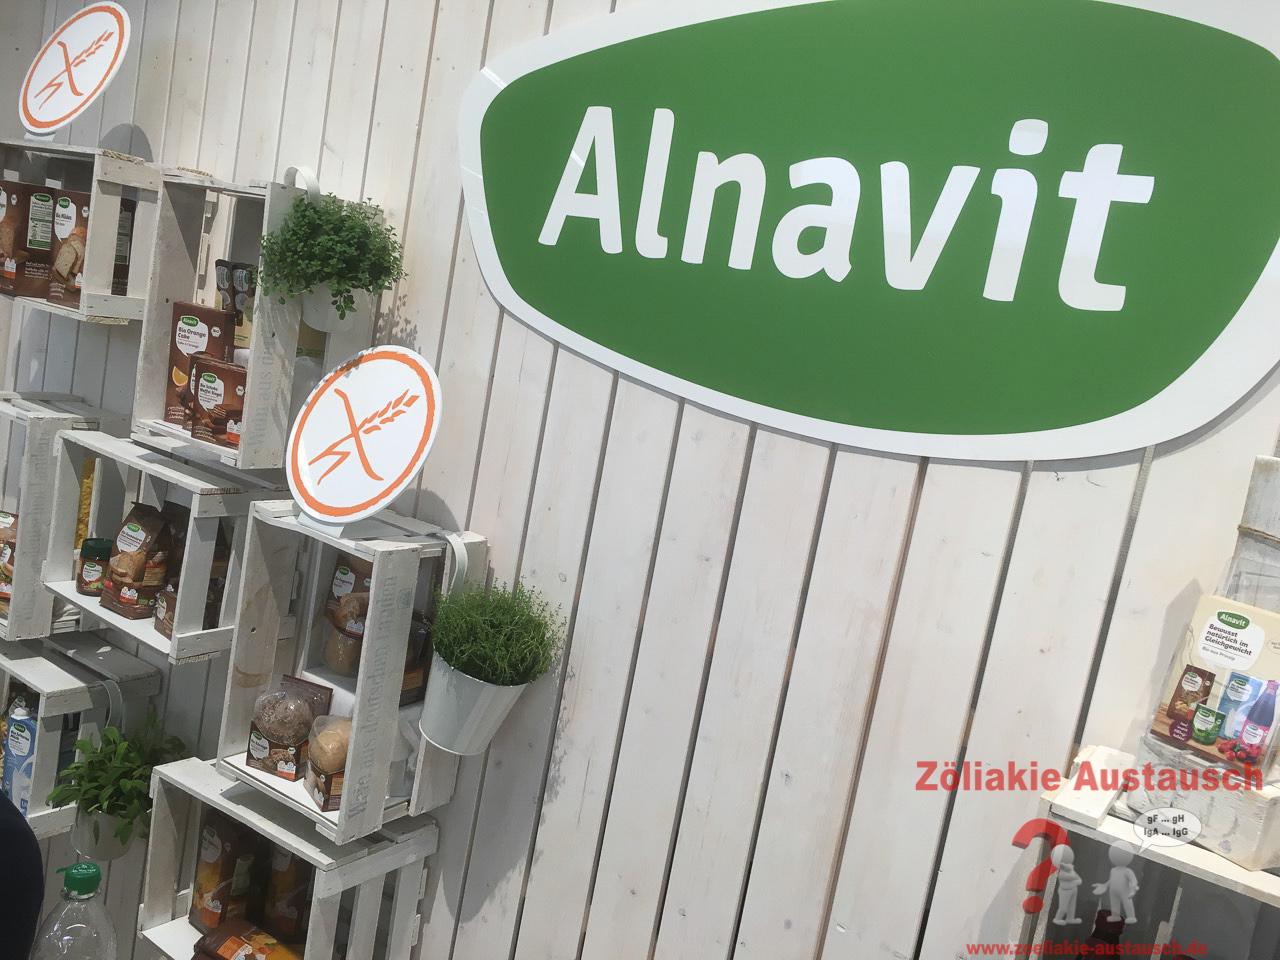 BioFach_2016-Zoeliakie_Austausch_078